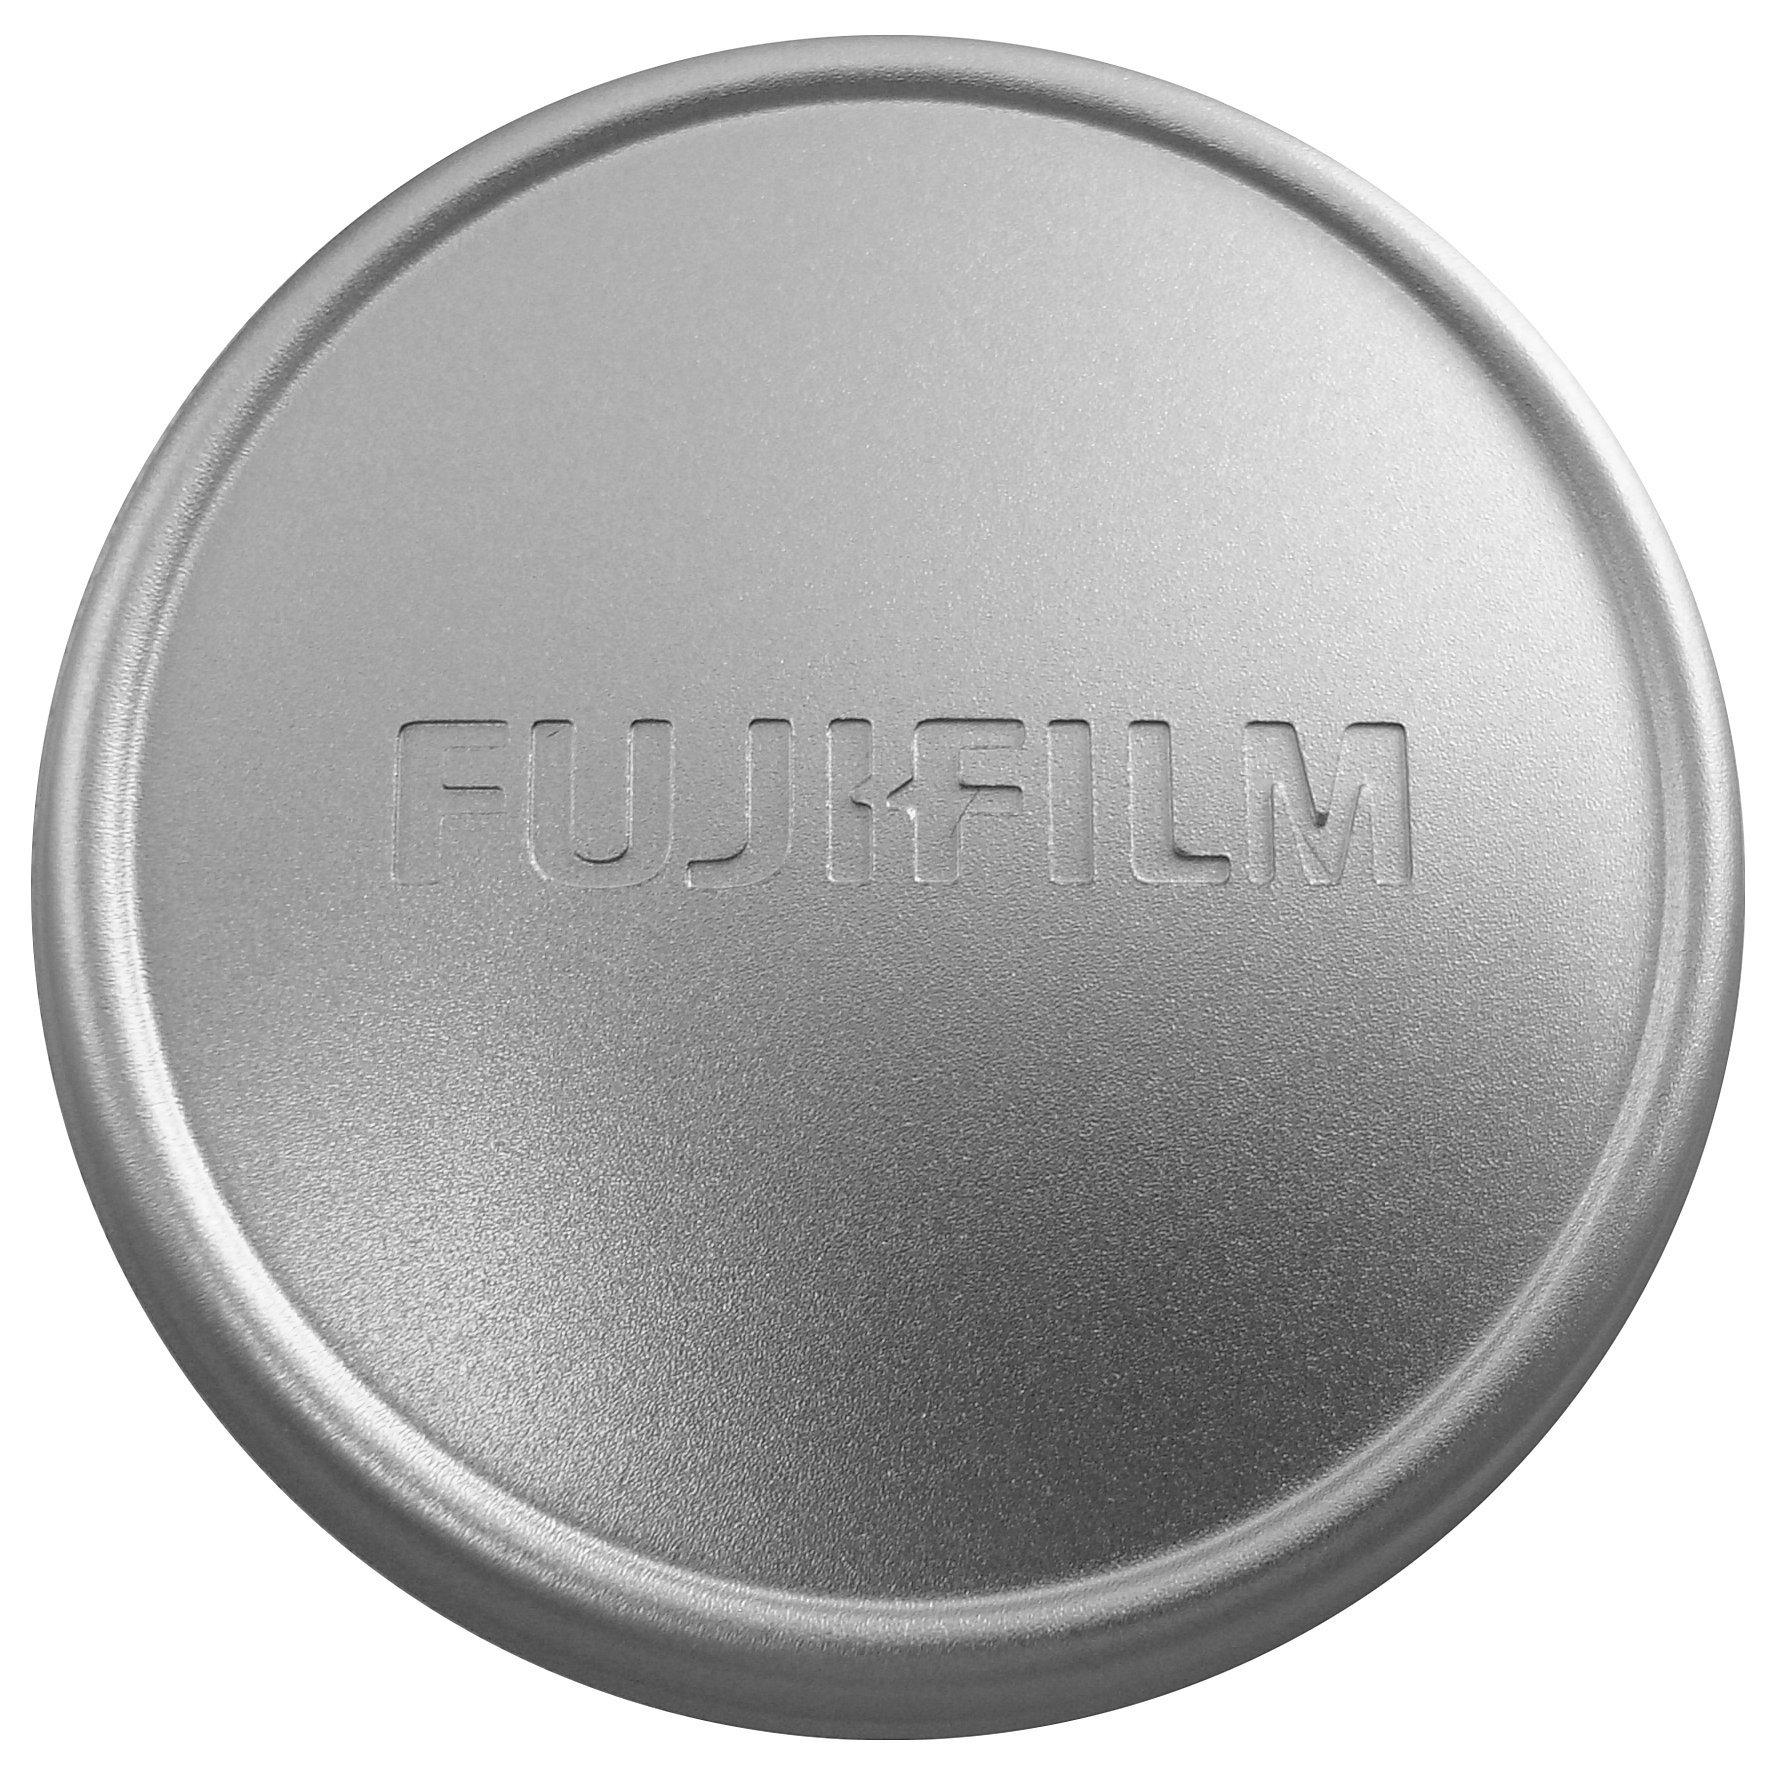 FUJIFILM krytka pro X100/100S/100T/100F stříbrná